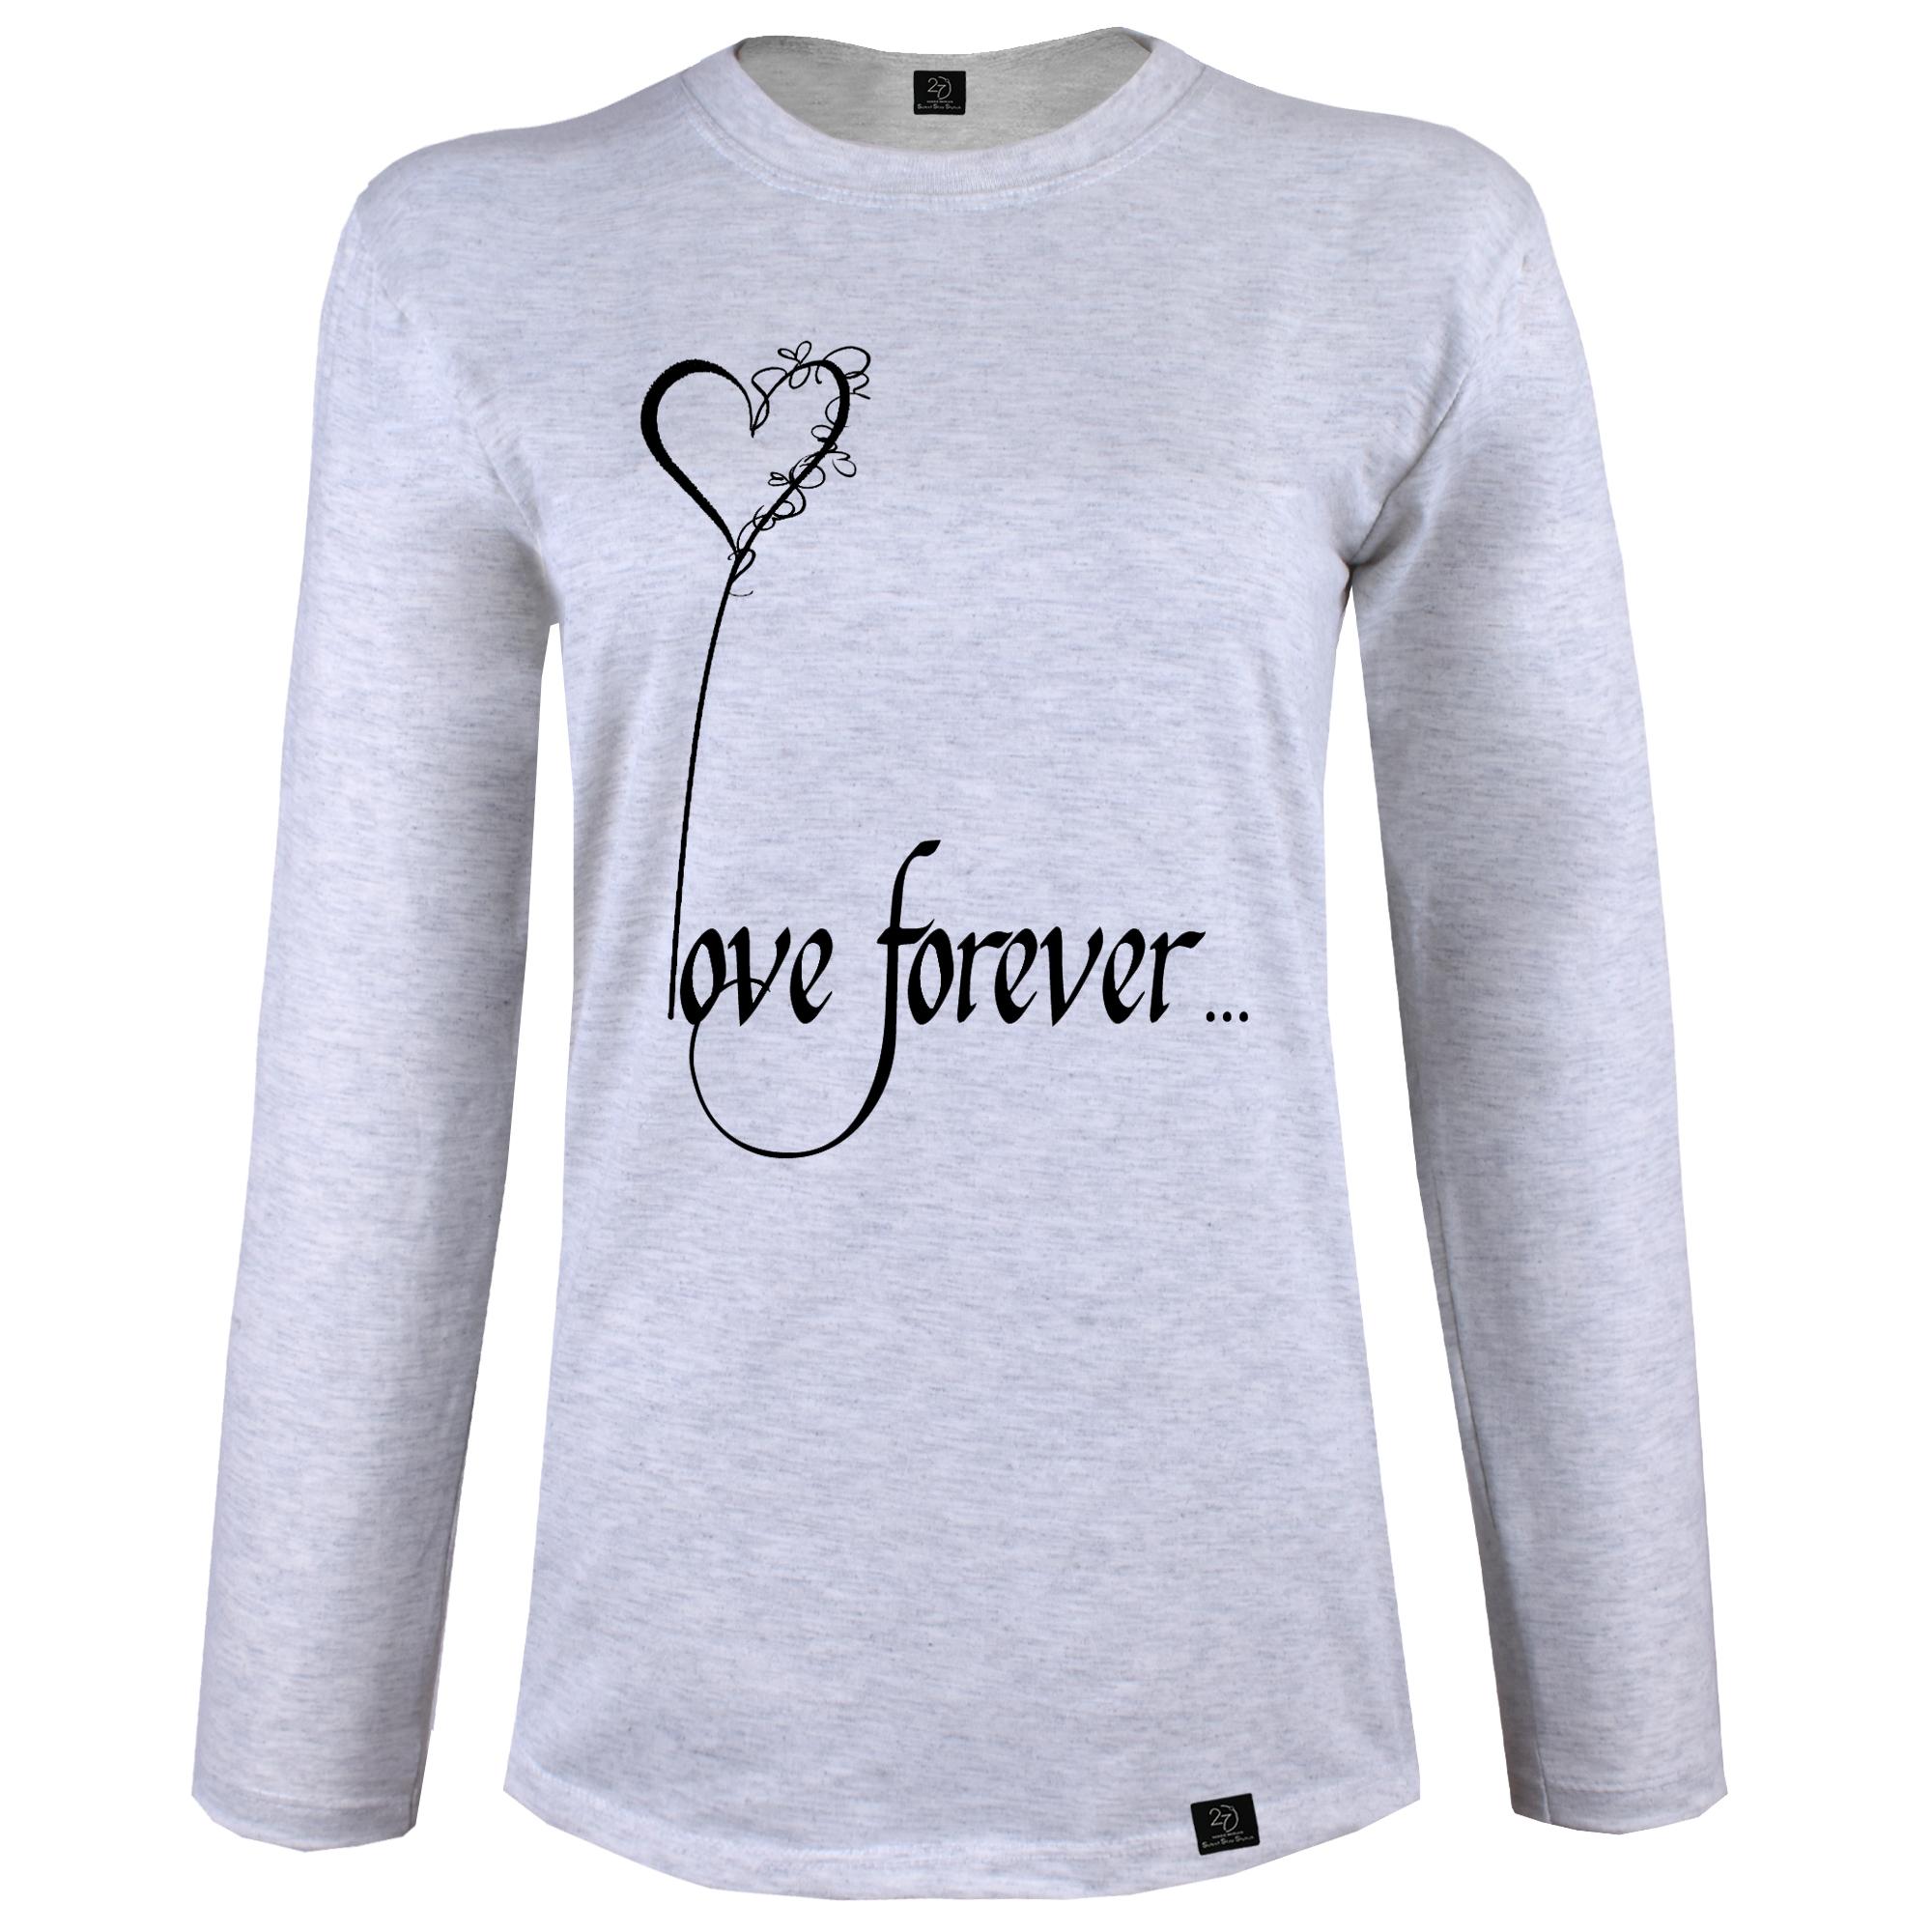 تی شرت آستین بلند زنانه 27 طرح LOVE FOREVER کد J09 رنگ طوسی روشن